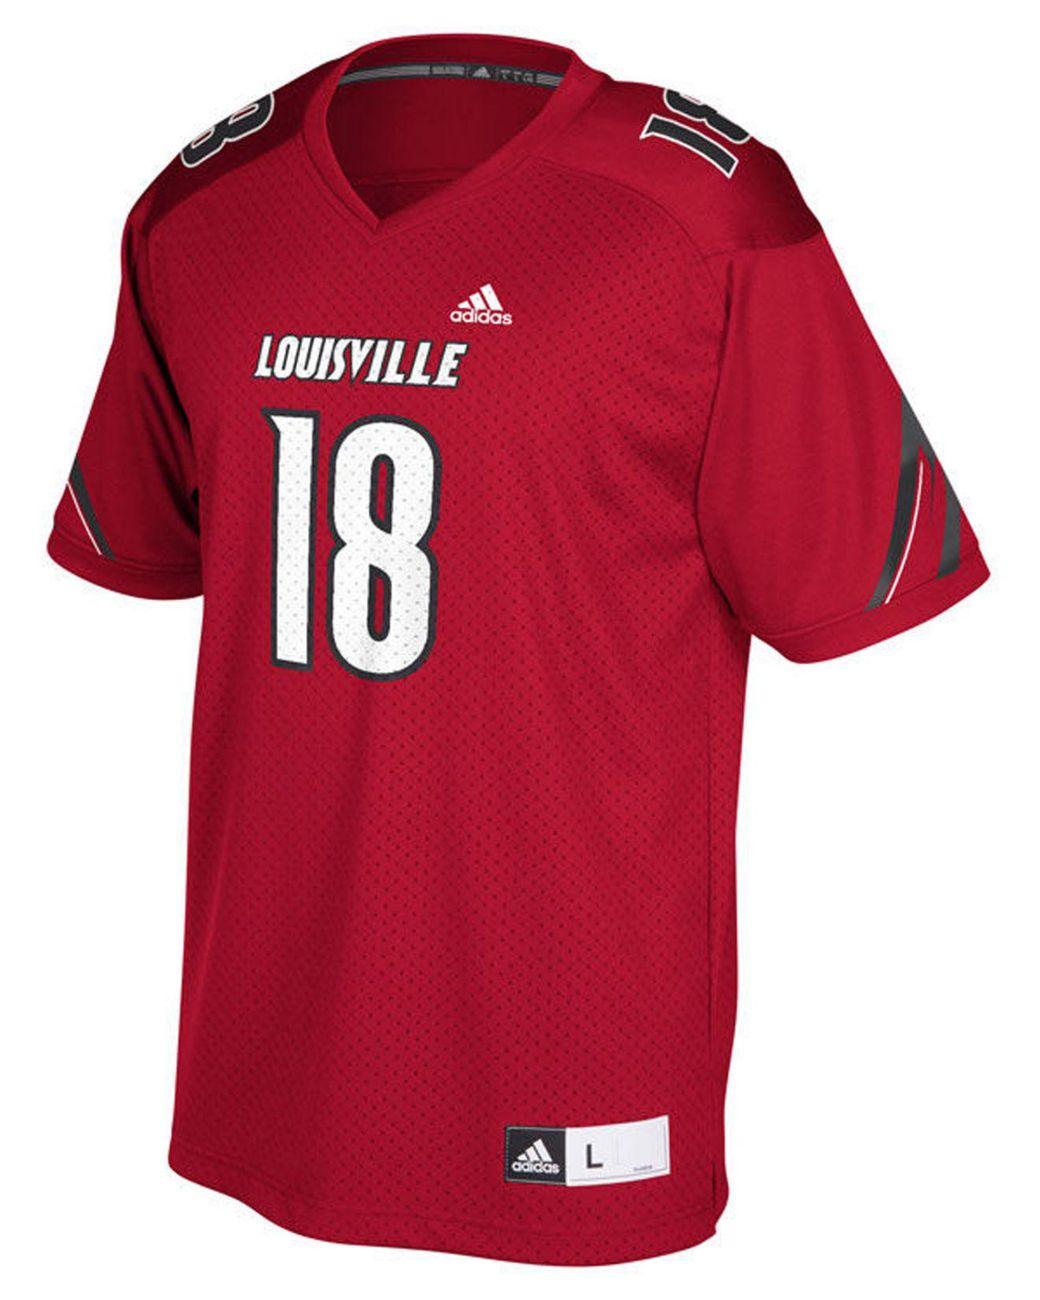 online retailer ac1e7 6a8ac Men's Red Louisville Cardinals Replica Football Jersey